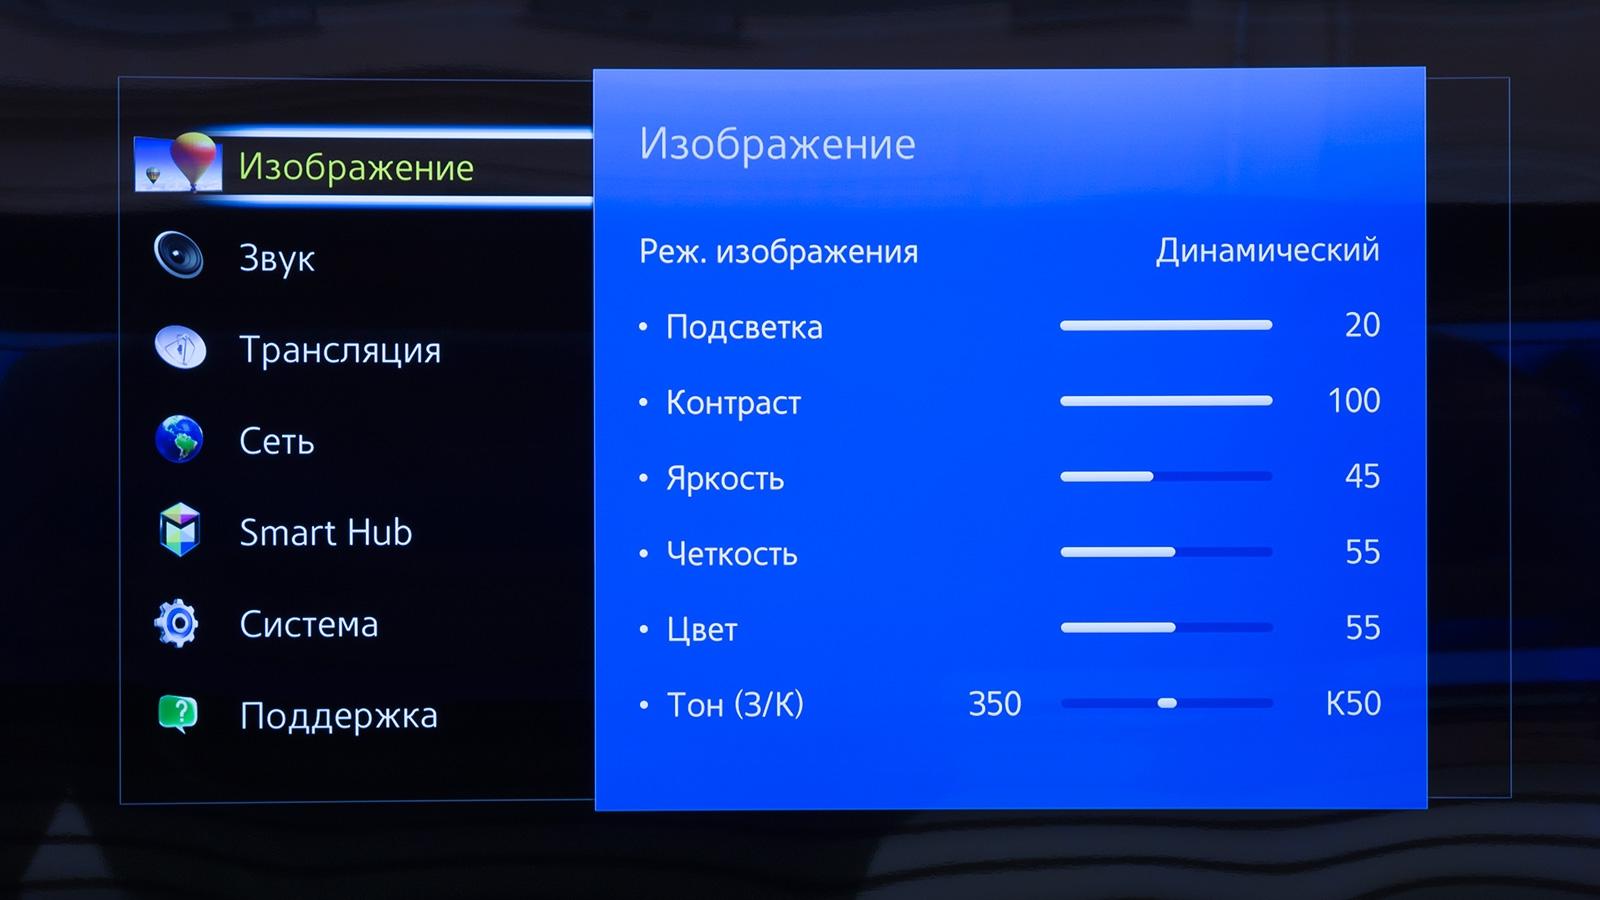 Почему пропало изображение на телевизоре а звук есть